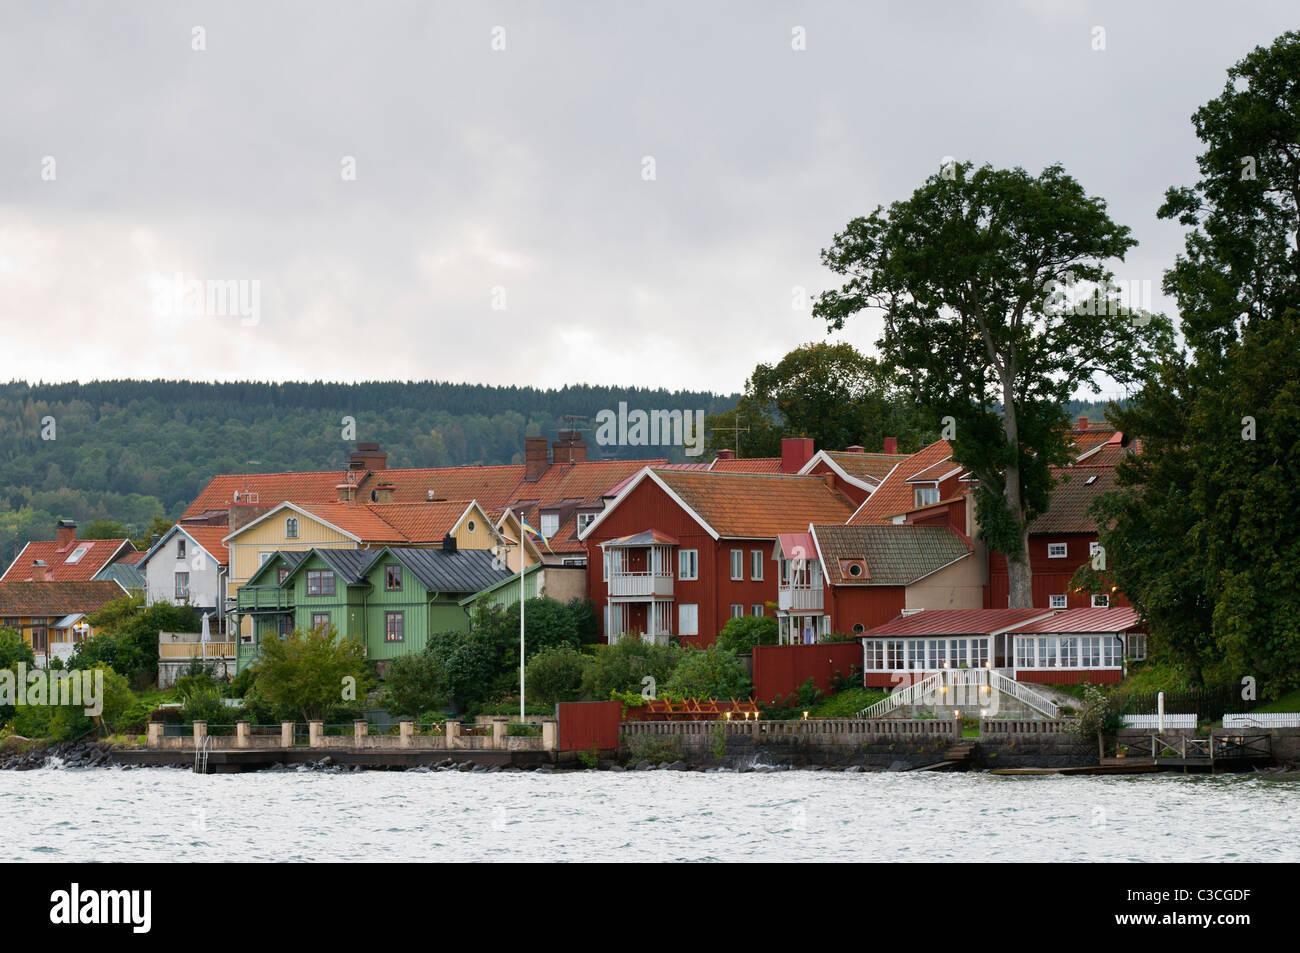 Vista de la histórica ciudad de madera Hjo por el lago Vättern. Foto de stock